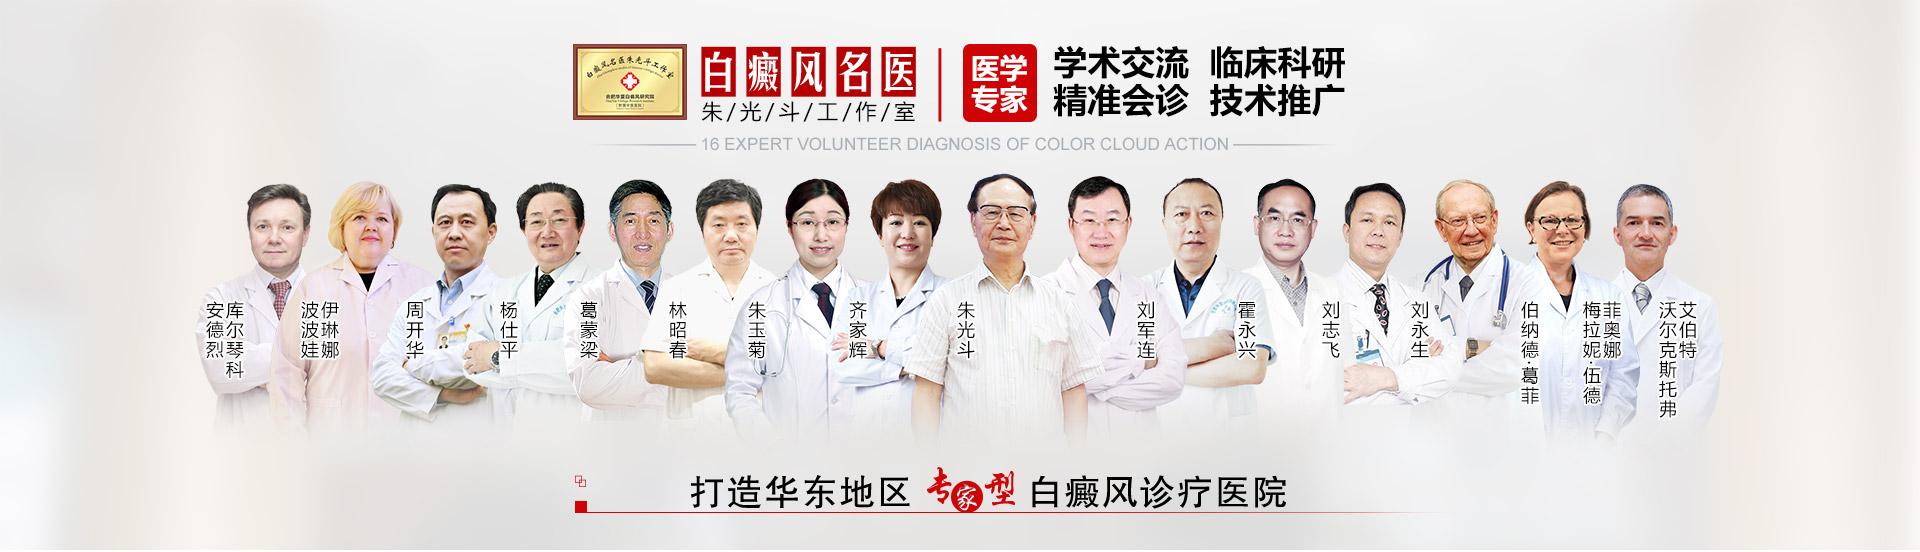 白癜风名医朱光斗工作室